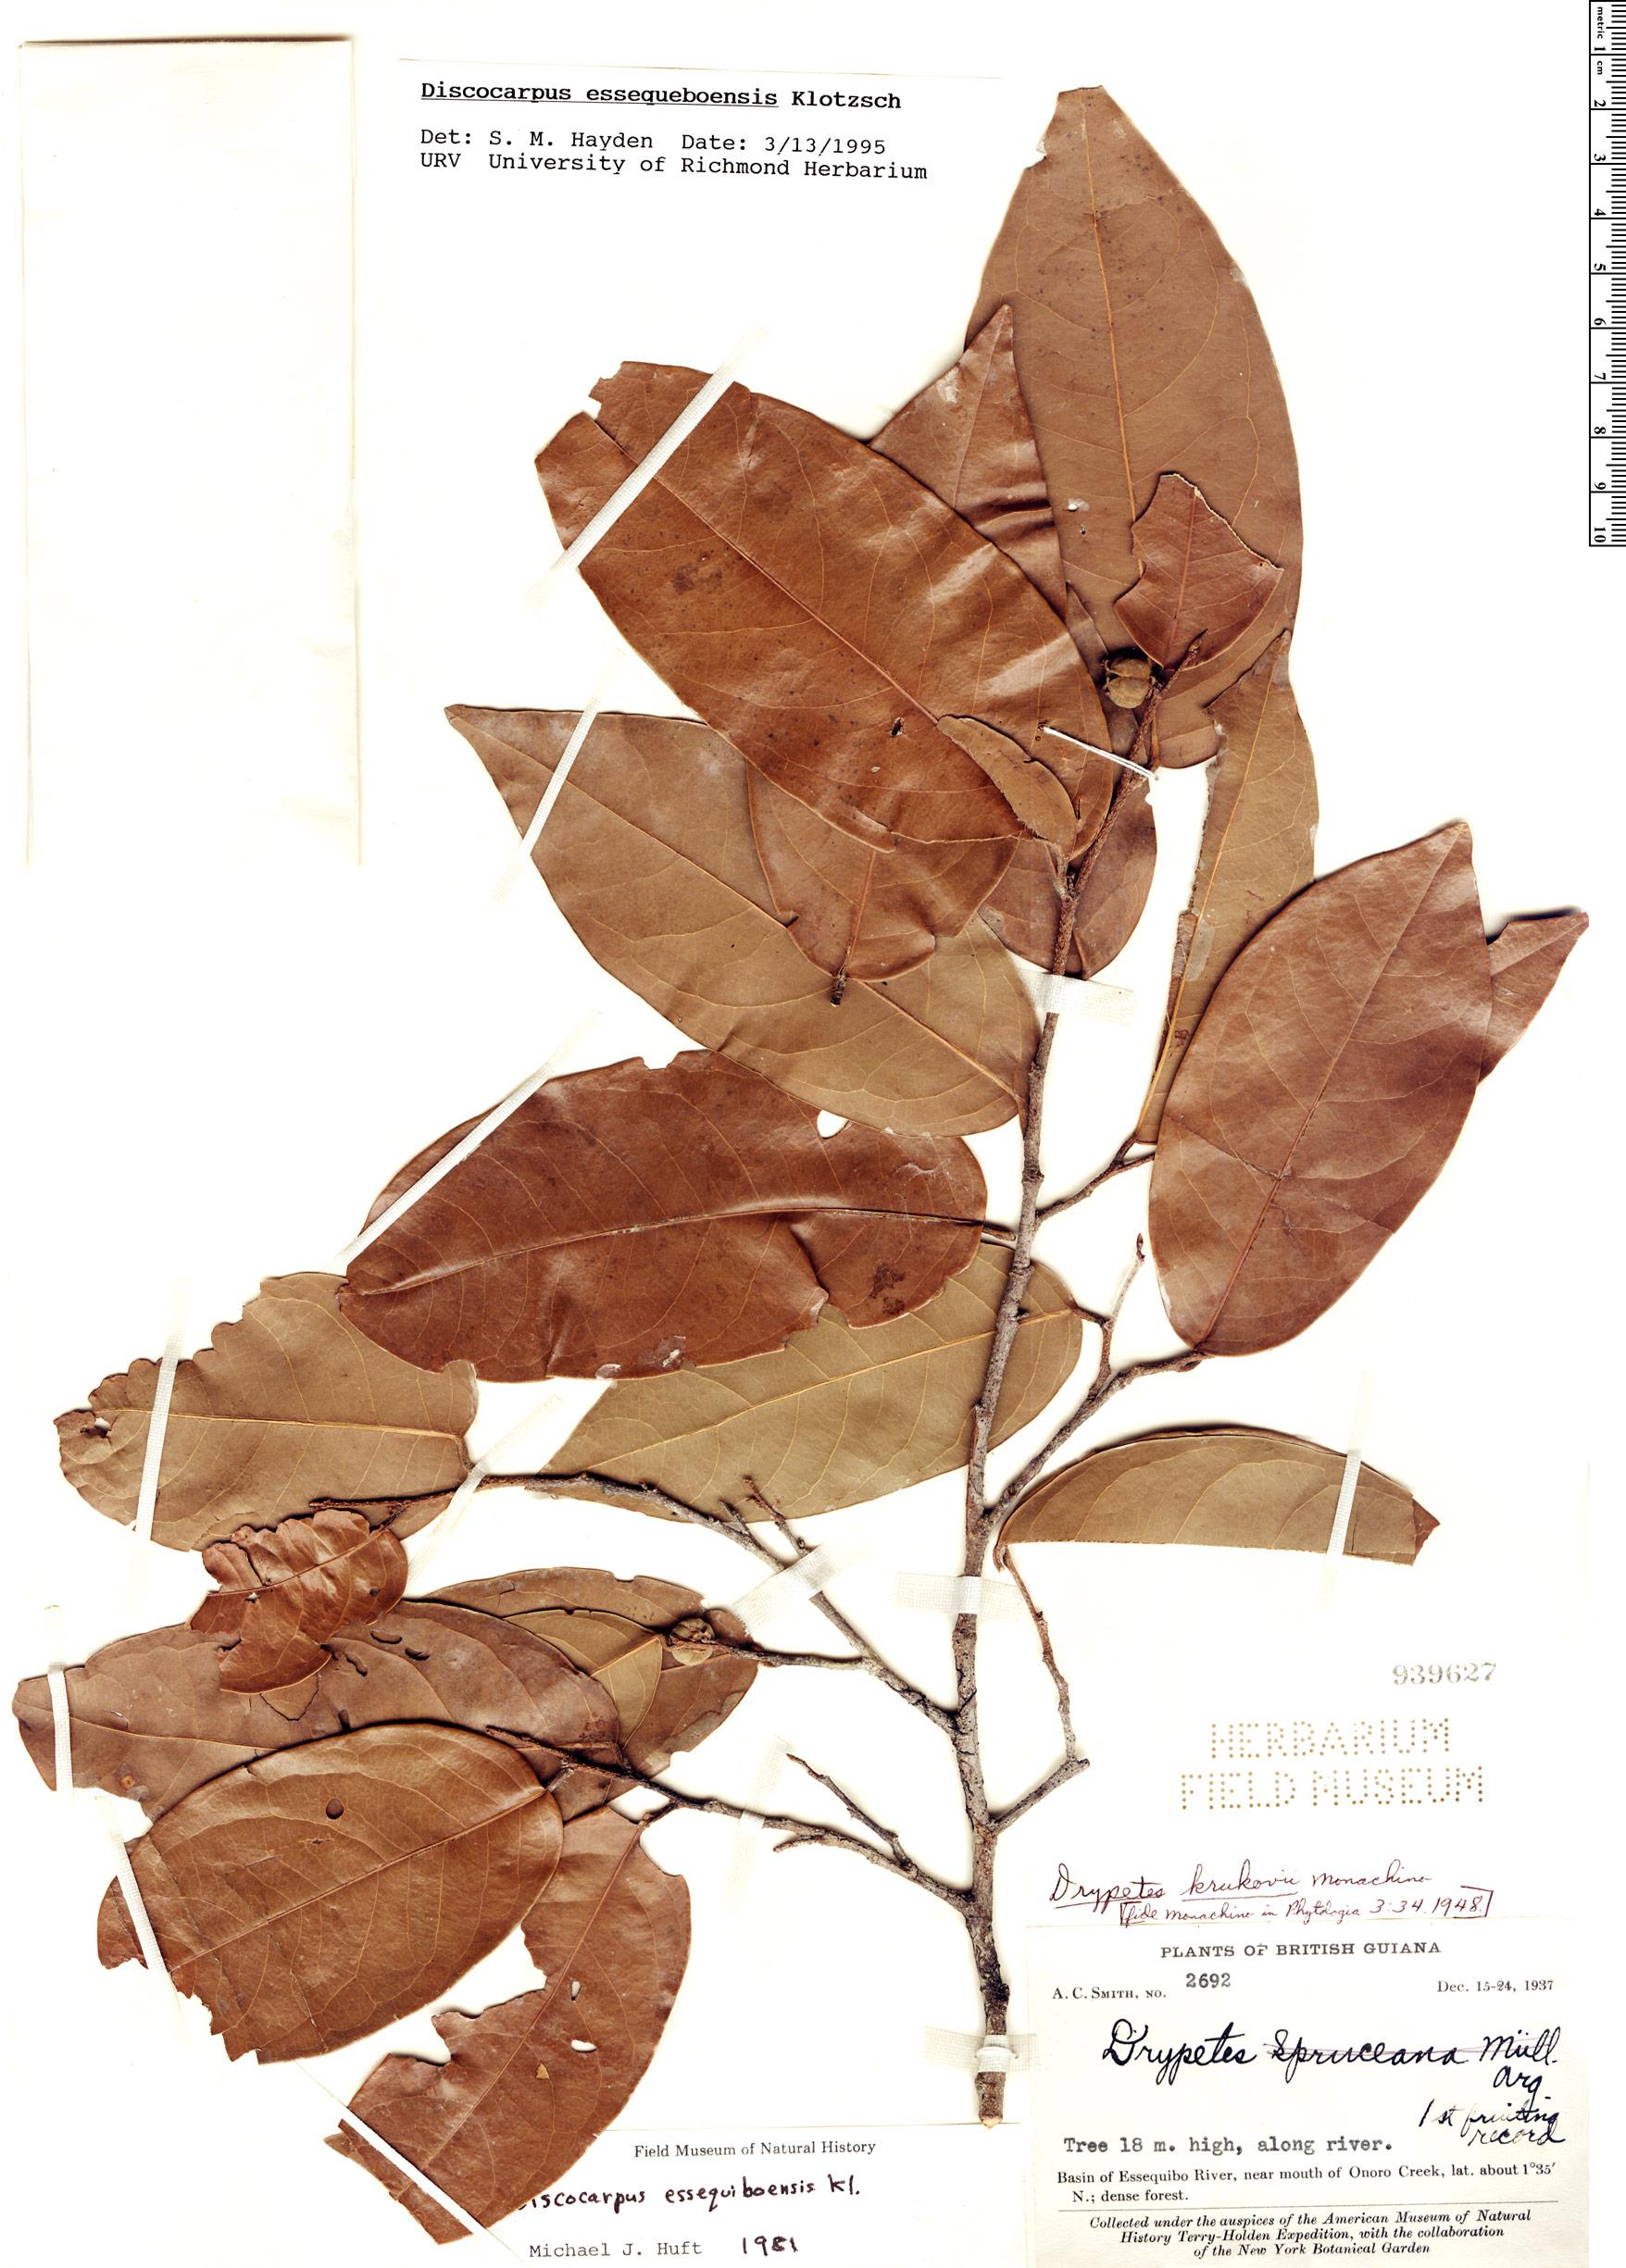 Specimen: Discocarpus essequeboensis